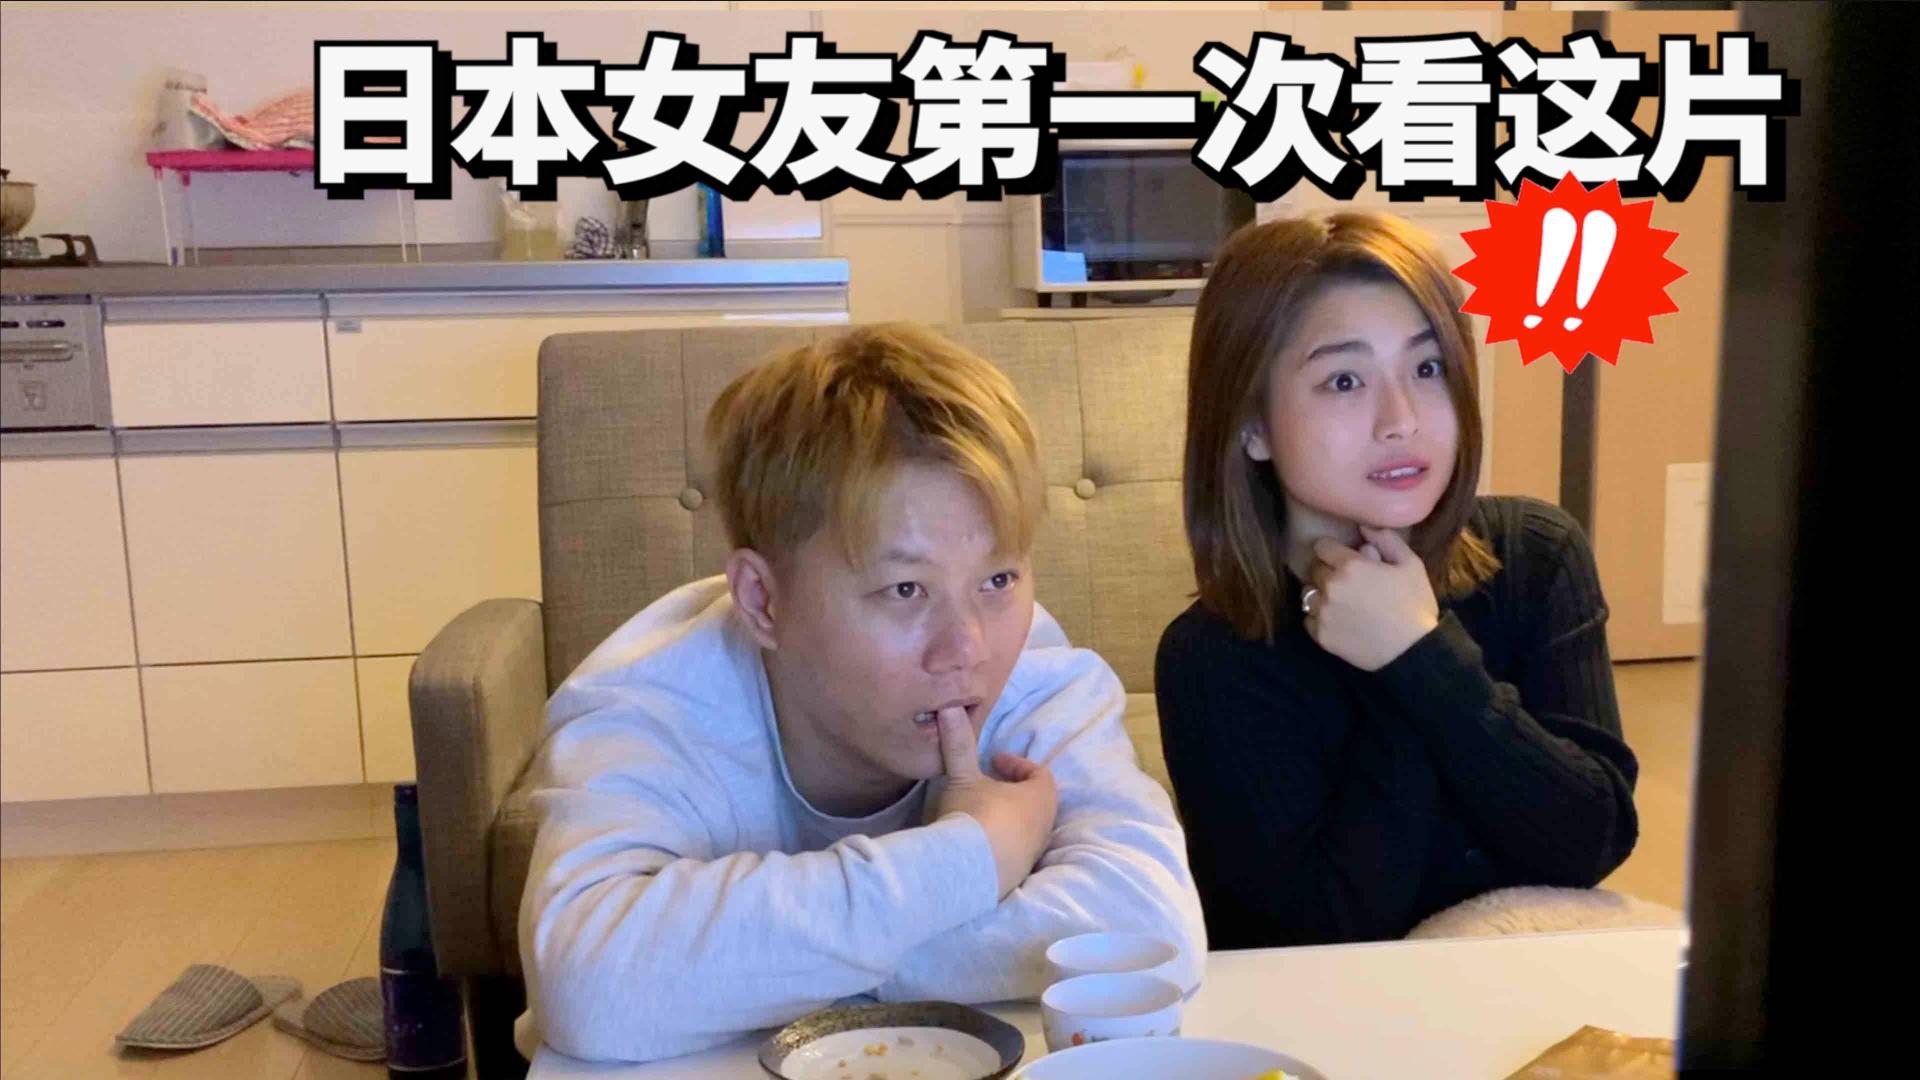 小伙大晚上带日本女友去租碟看片,结果女友的反应亮了!你的女友也这样?